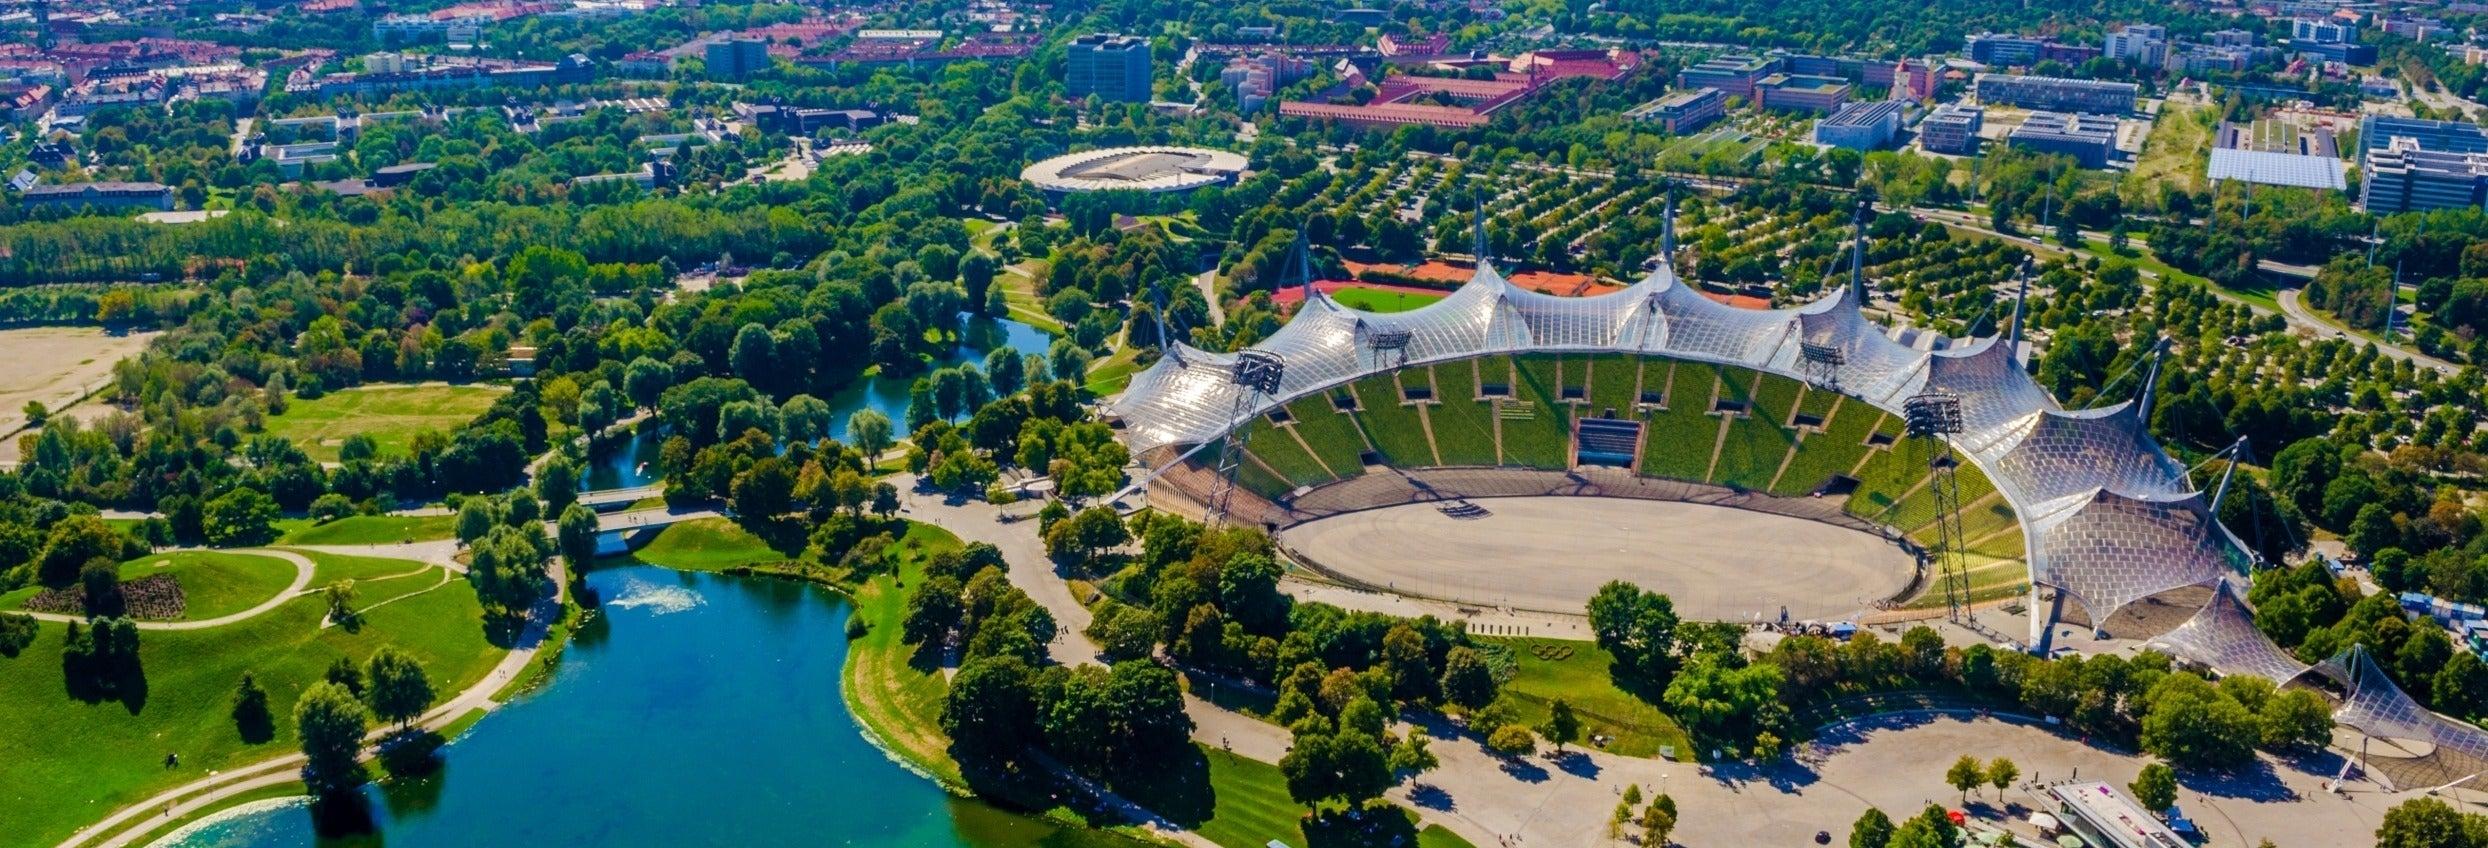 Visita guiada por el Olympiapark y el Jardín Inglés